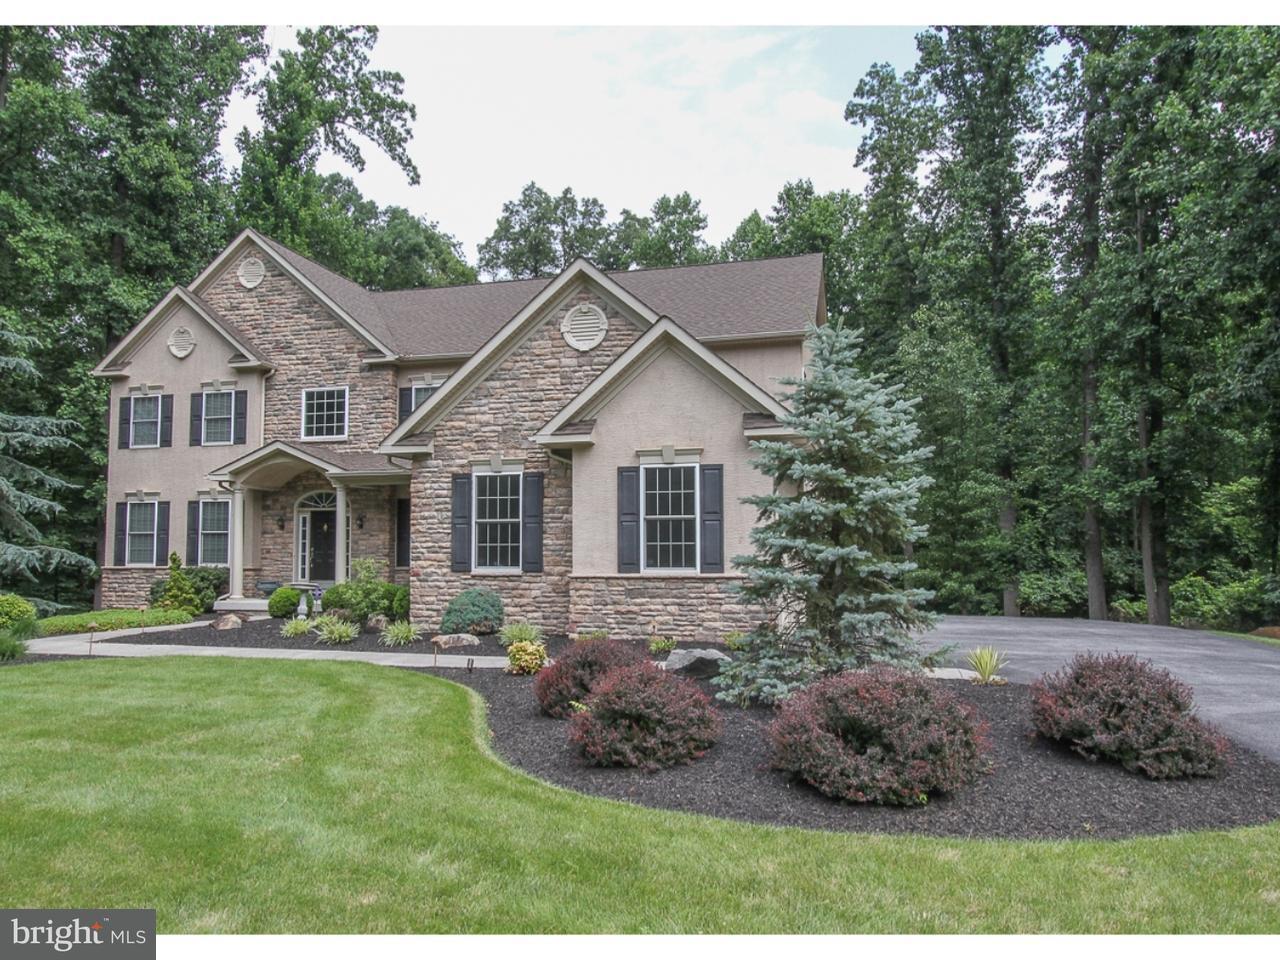 独户住宅 为 销售 在 27 FORREST GLEN Drive Limerick, 宾夕法尼亚州 19468 美国